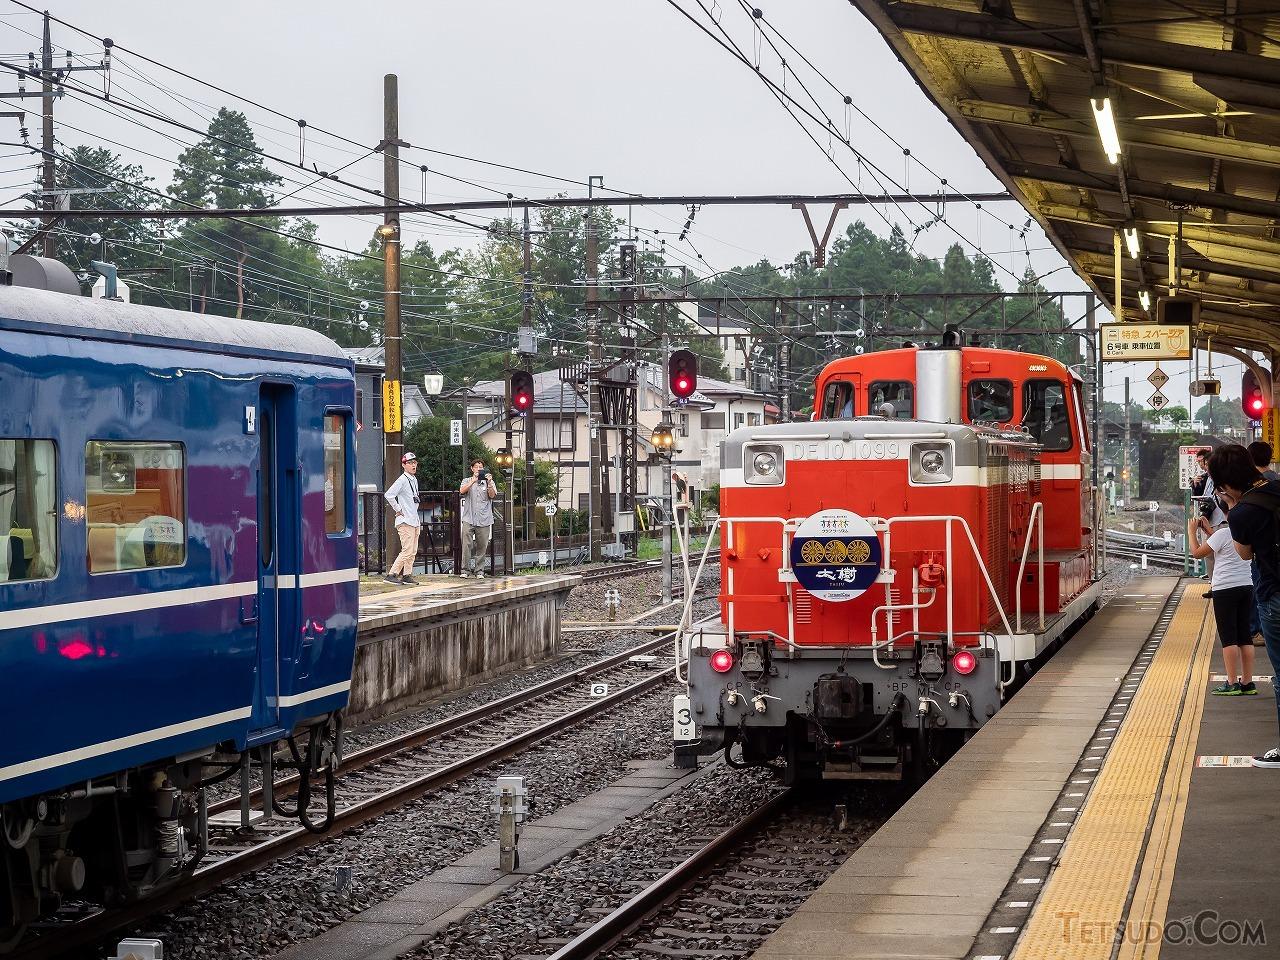 鬼怒川温泉駅で「機回し」を行うDE10形。乗客以外に撮影者はほとんどおらず、どの人もルールを守って落ち着いて写真を撮っていました